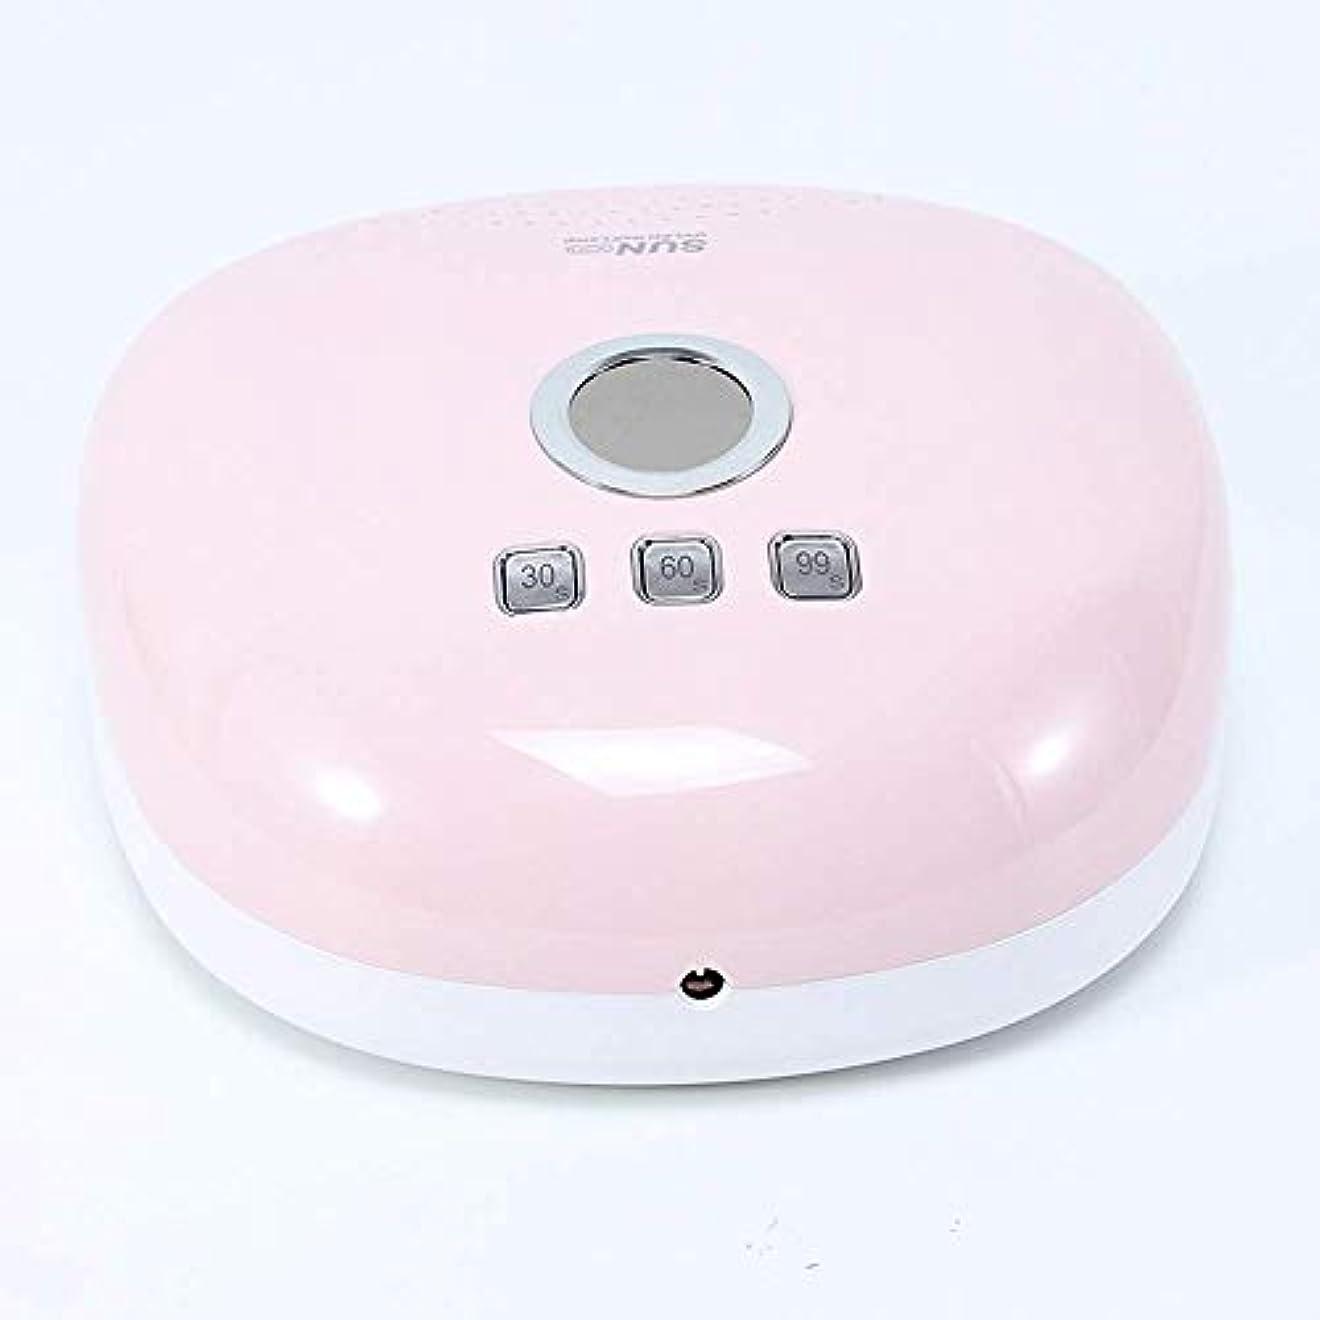 ロールチキン幻想的48ワットUVネイルドライヤー、LEDディスプレイスマート赤外線誘導大空間速乾性痛みのない24個のデュアルランプ付きビーズランプ、ピンク (Color : Pink)